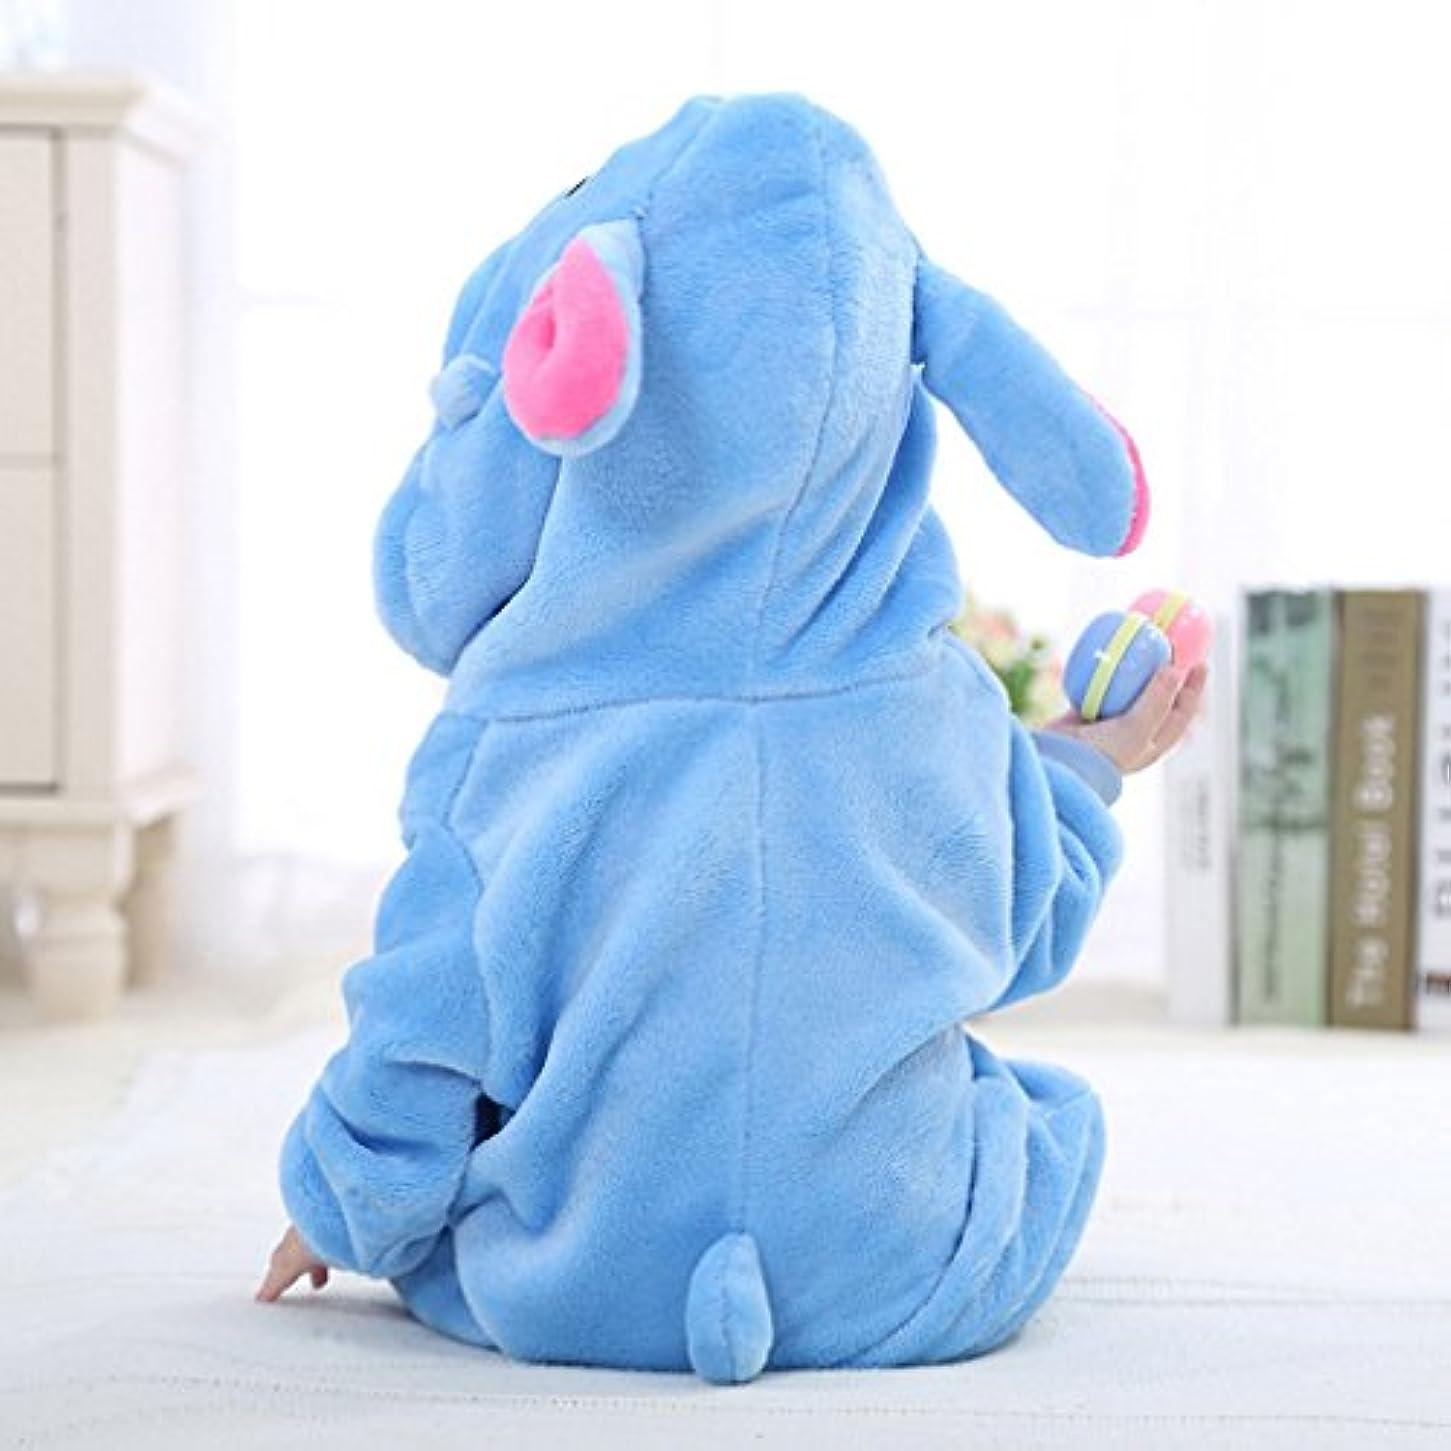 図ブリリアント部分的(コ-ランド) Co-land ベビー ロンパース 動物 着ぐるみ クマ コスチューム あったか パジャマ 幼児 赤ちゃん カバーオール 出産祝い ブルー 70